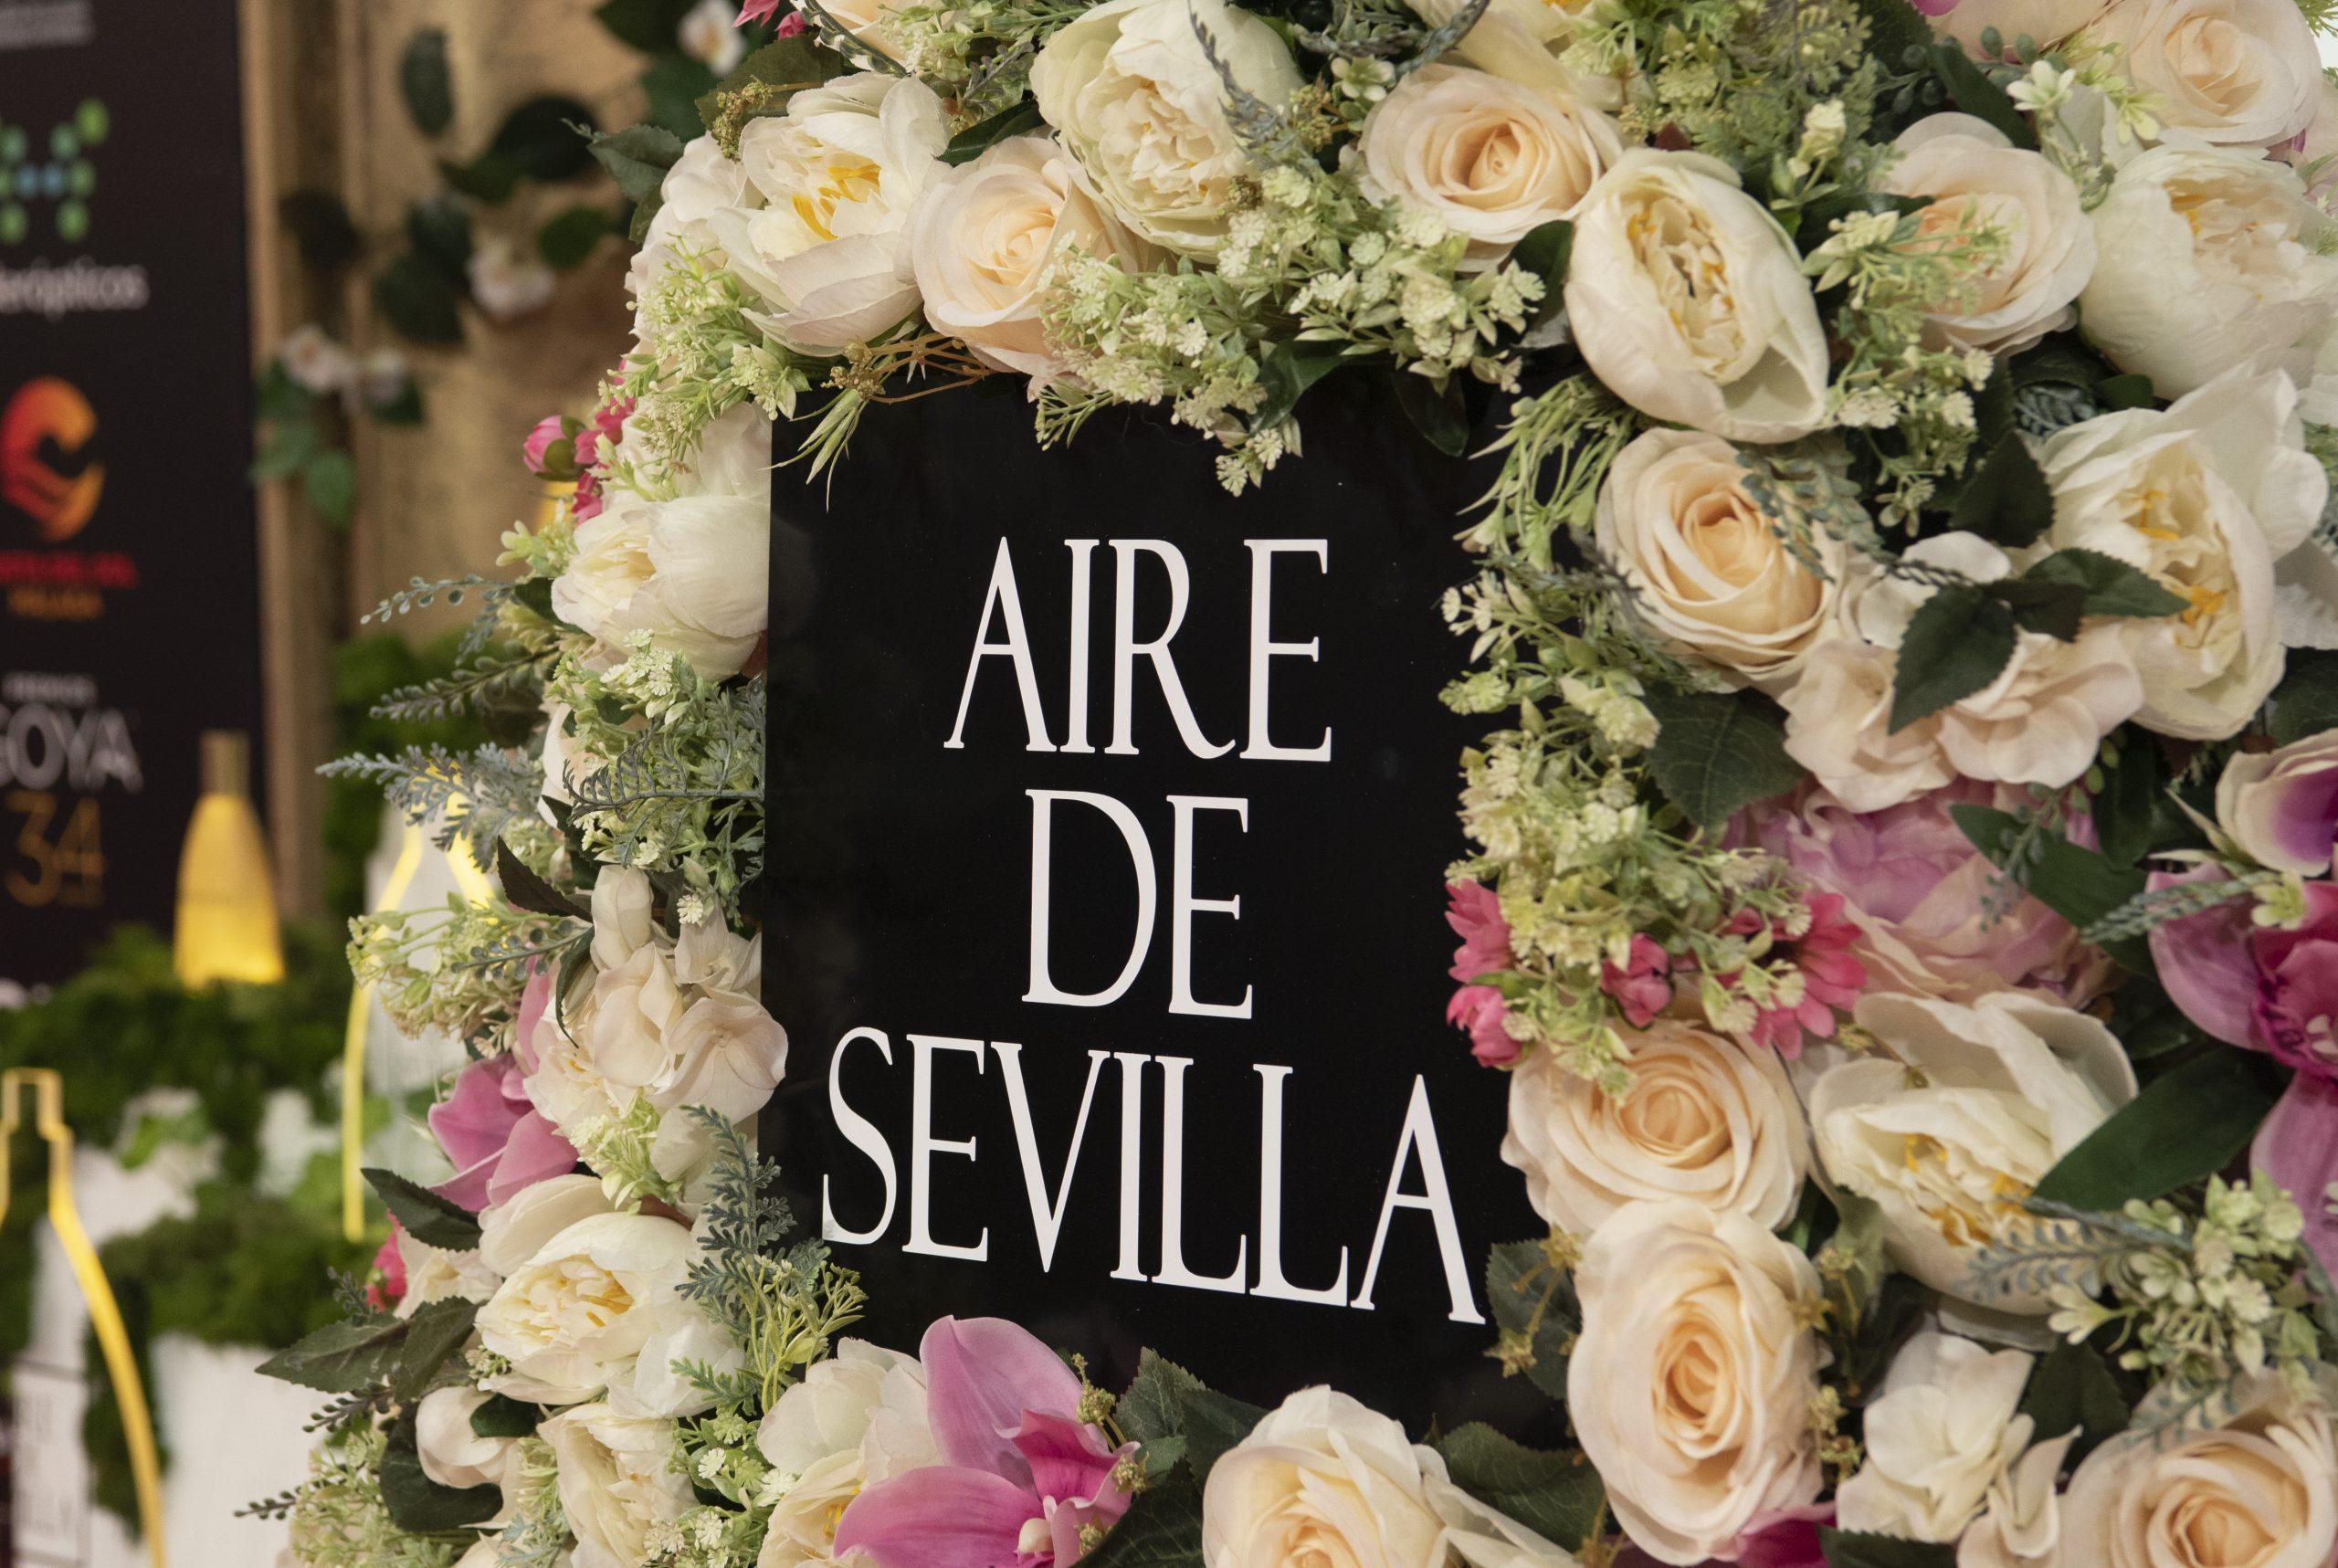 AIRE DE SEVILLA_2020_GOYA_CORTOS_200